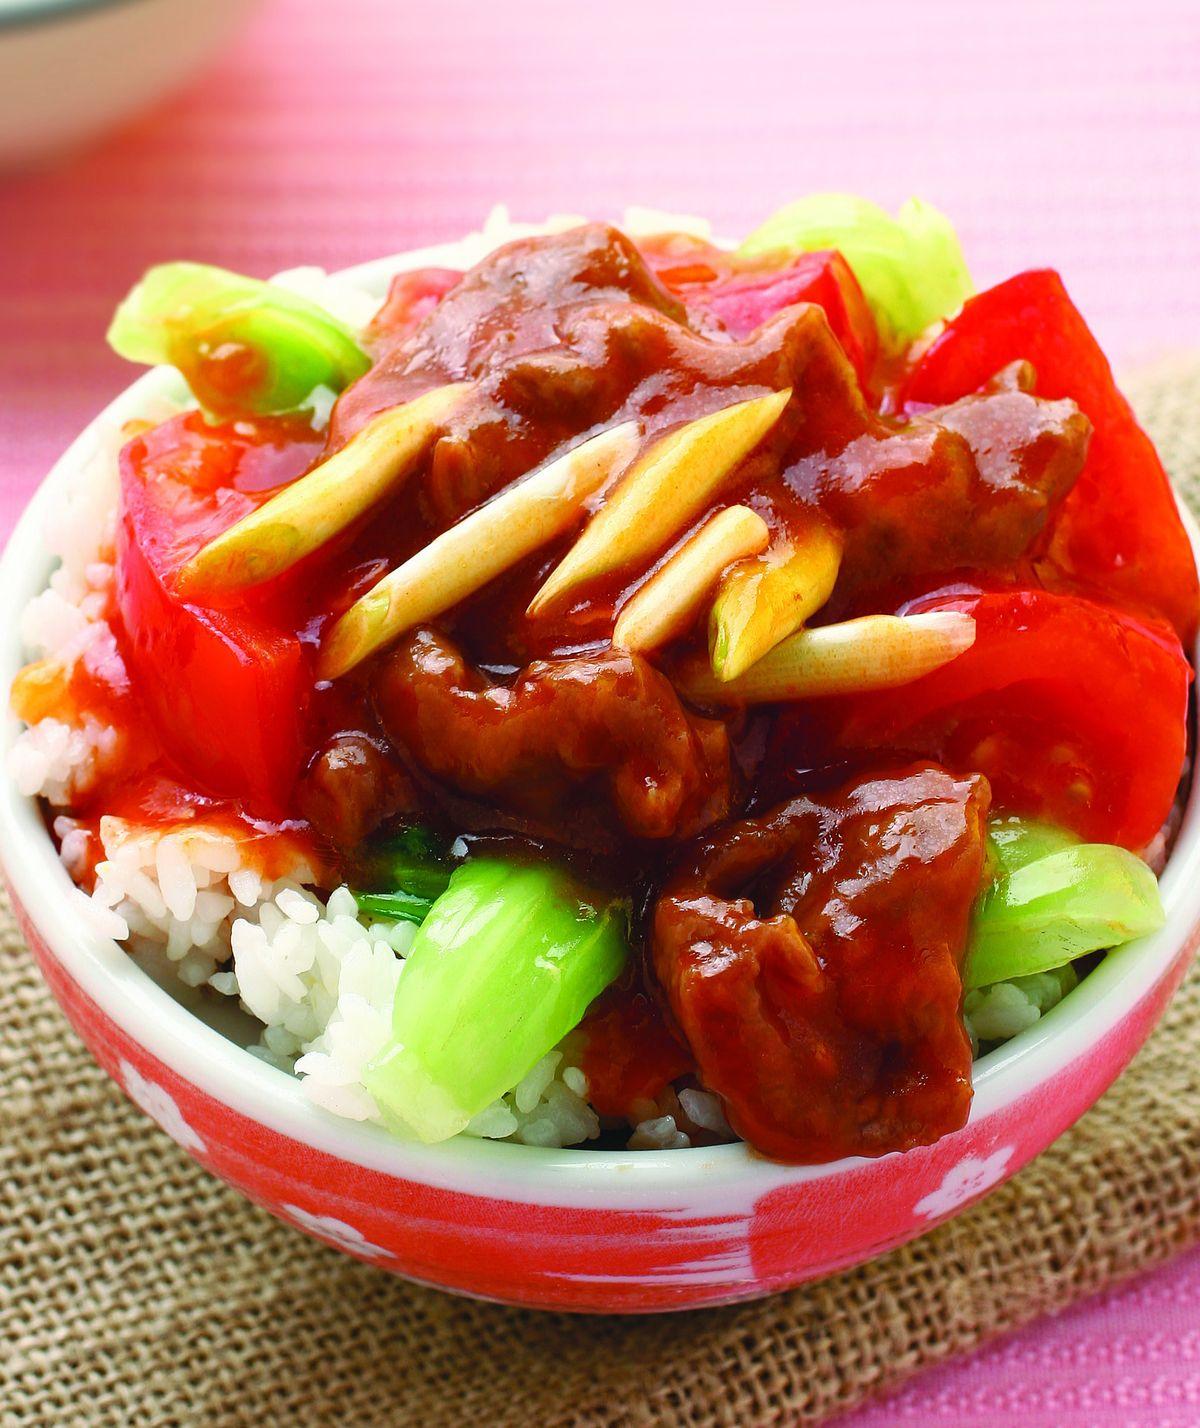 食譜:蕃茄牛肉蓋飯